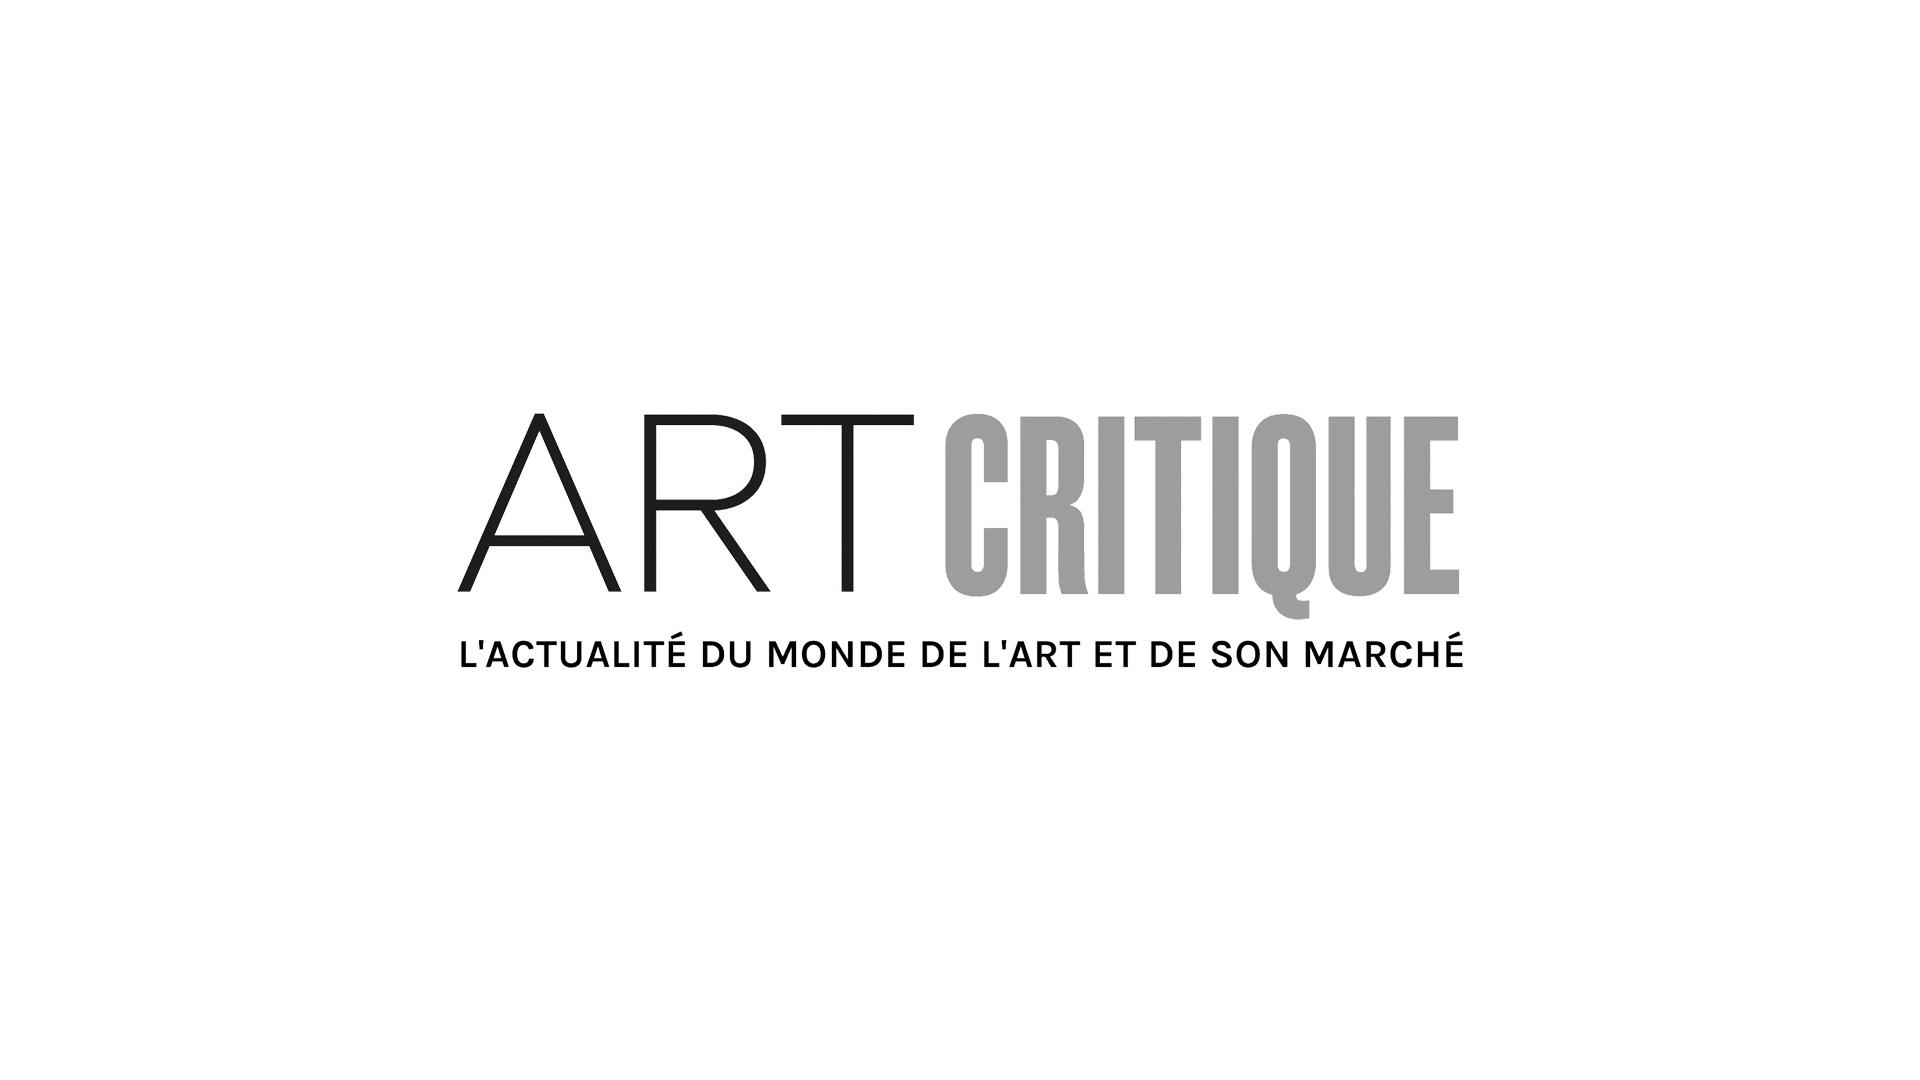 Des musées et des expositions à visiter sans sortir de chez vous !